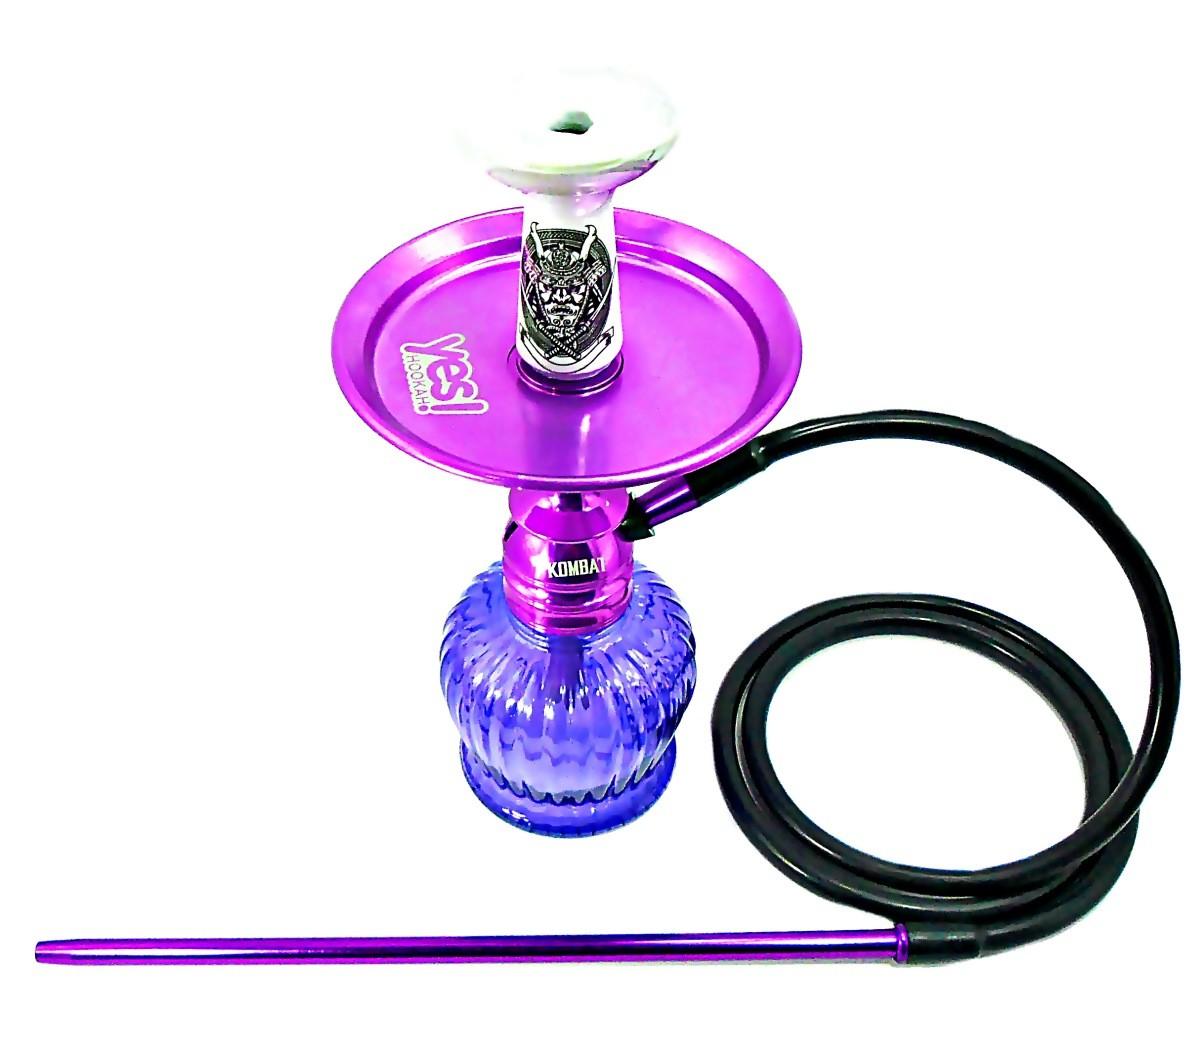 Narguile Amazon Kombat Lilás, vaso QT lilás, mangueira silicone, piteira alumínio, rosh Dr. Ed, prato Yes lilás